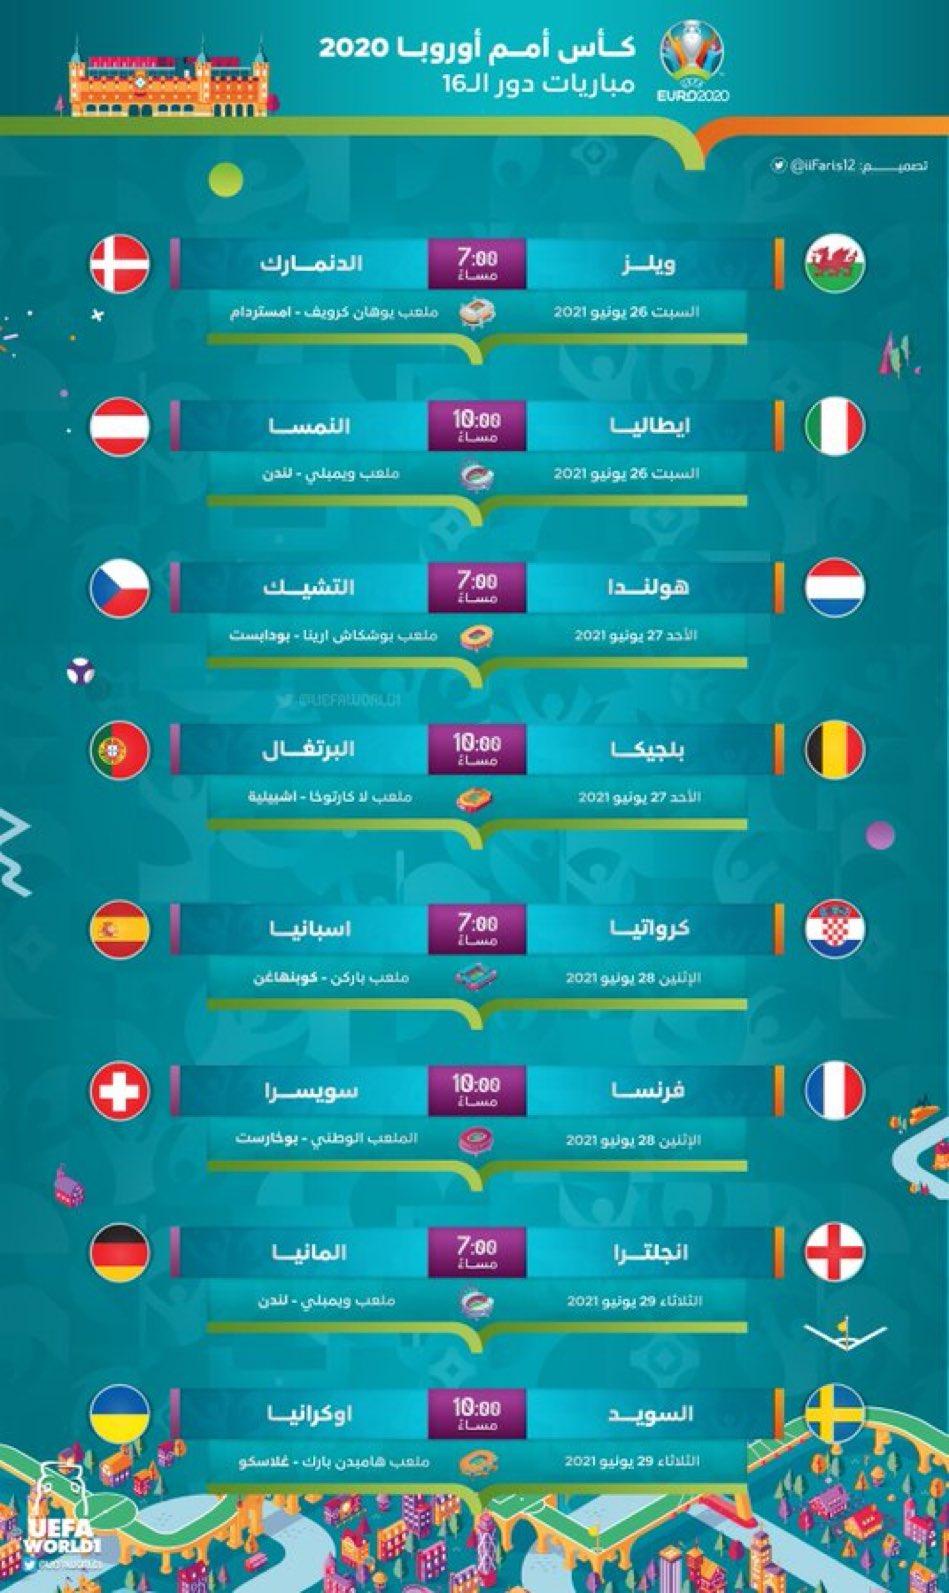 جدول مباريات دور الستة عشر كأس أمم أوروبا 2020